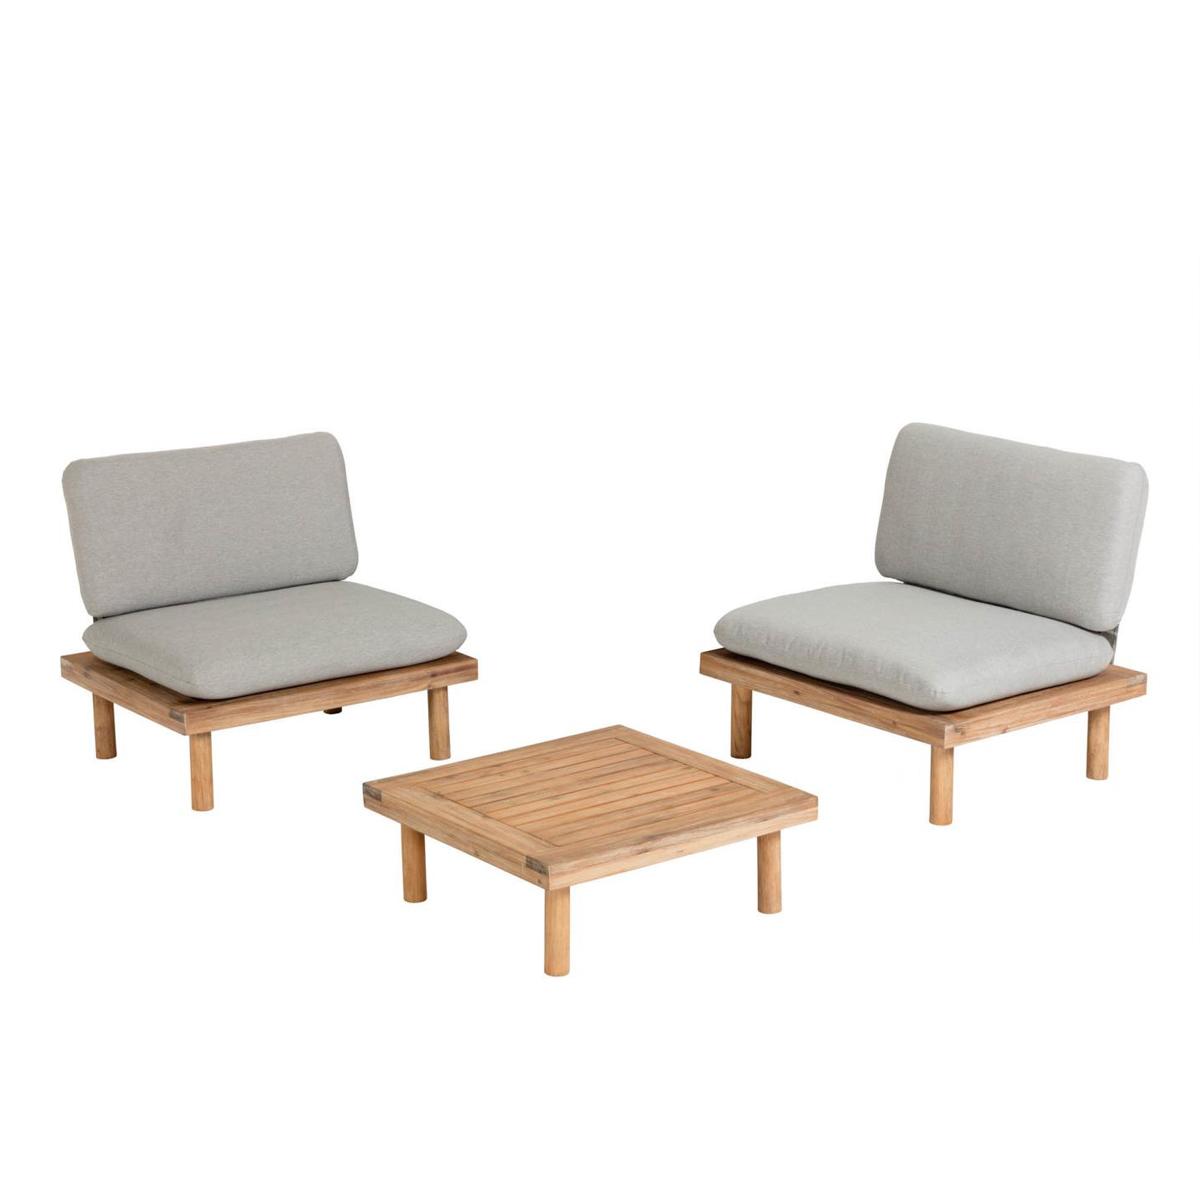 Ensemble détente avec fauteuils en acacia - Bois - H 77 x 80 cm